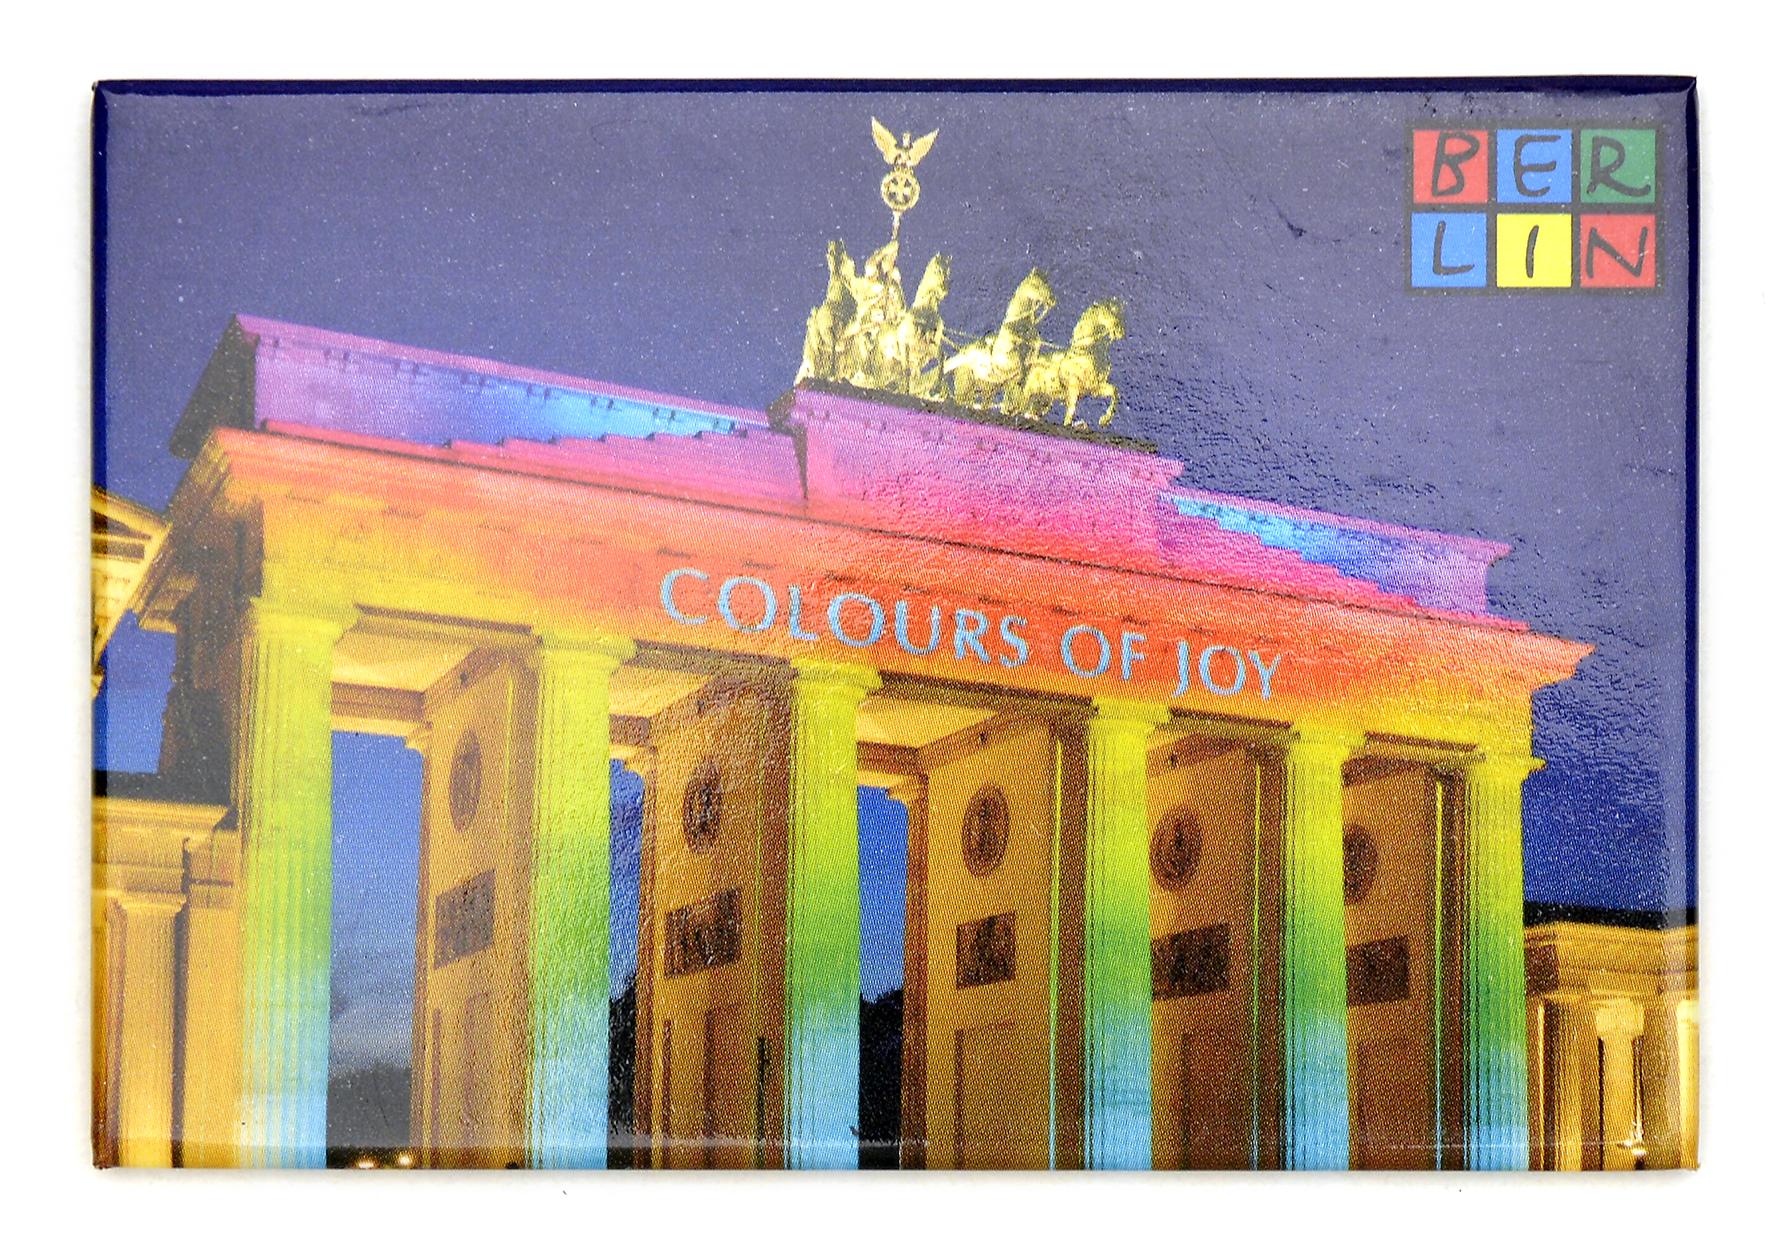 050-0106_Magnet_B-Tor_Colours